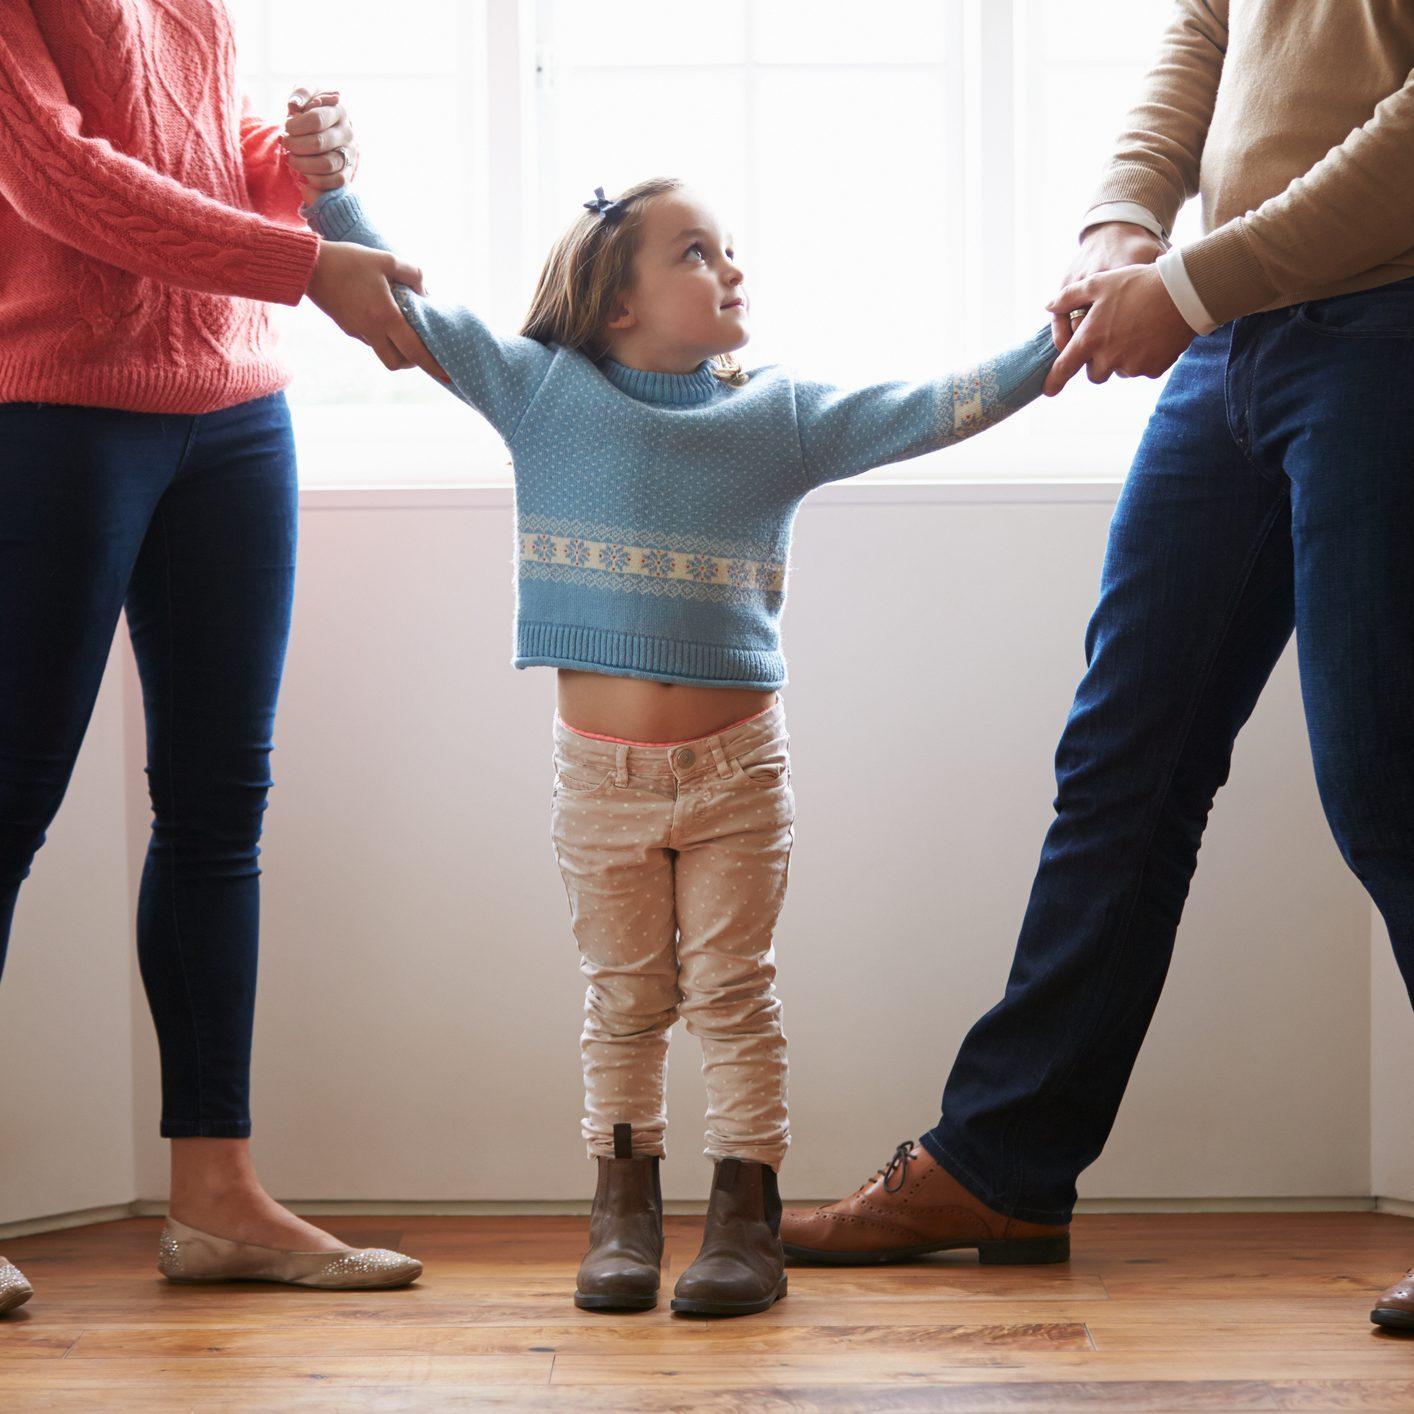 Юрист по определению места жительства ребенка детей